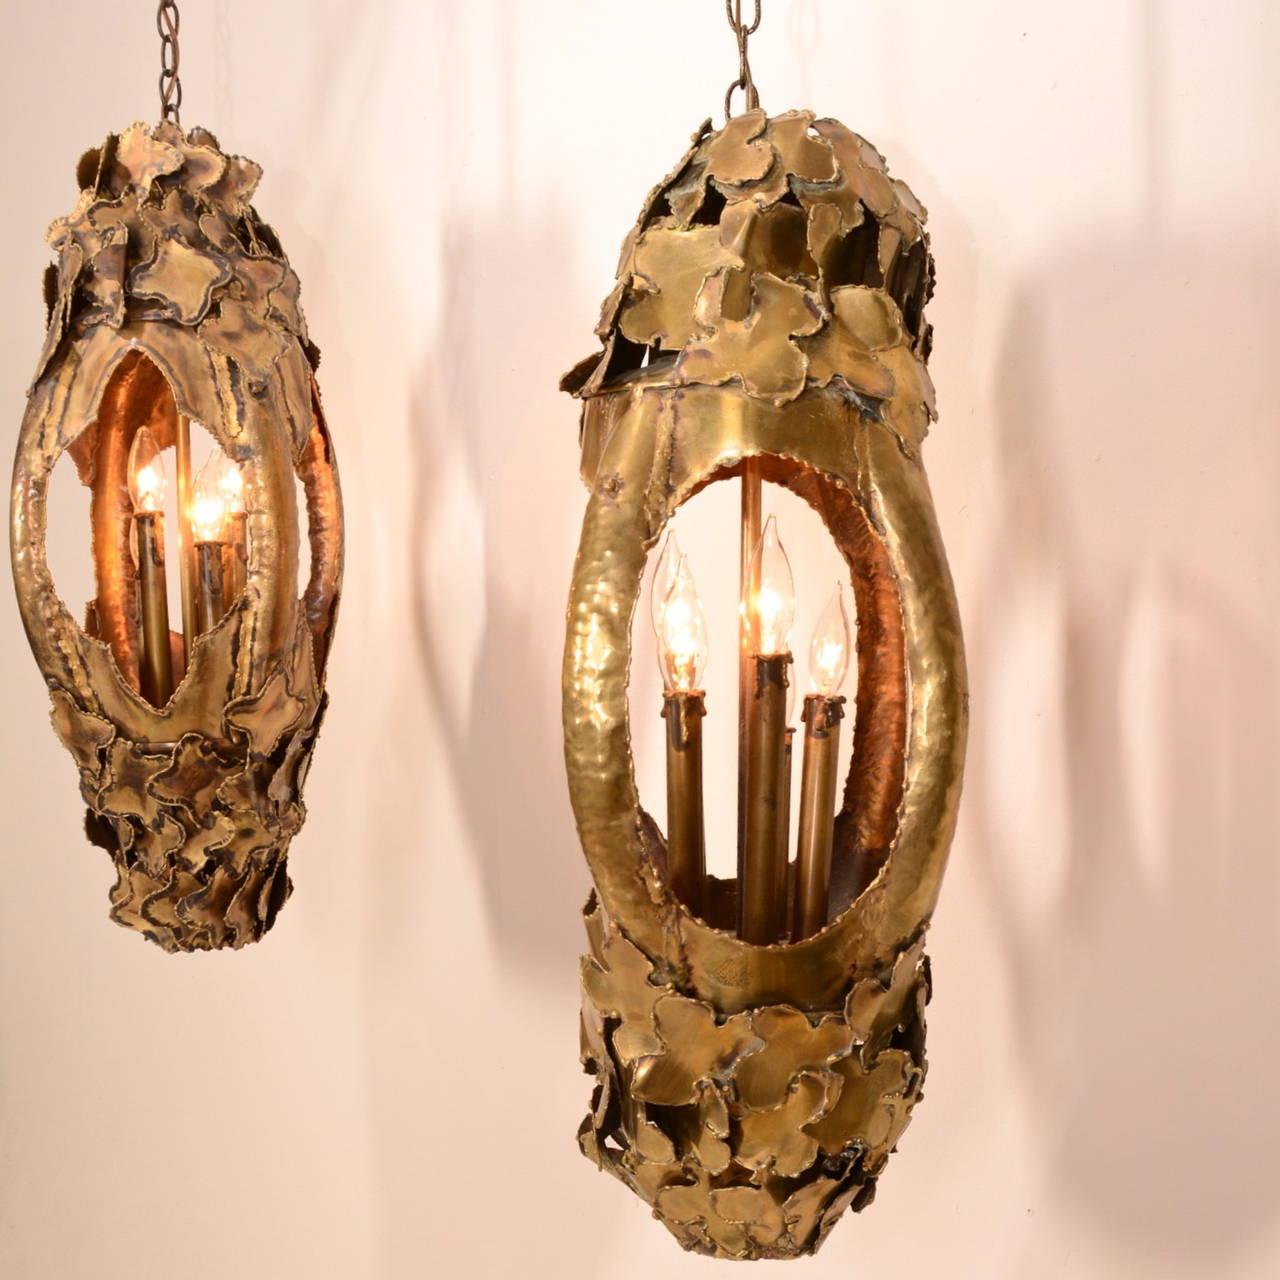 Tom Greene for Feldman Pendant Brutalist Lantern Torch-Cut Brass For Sale 4